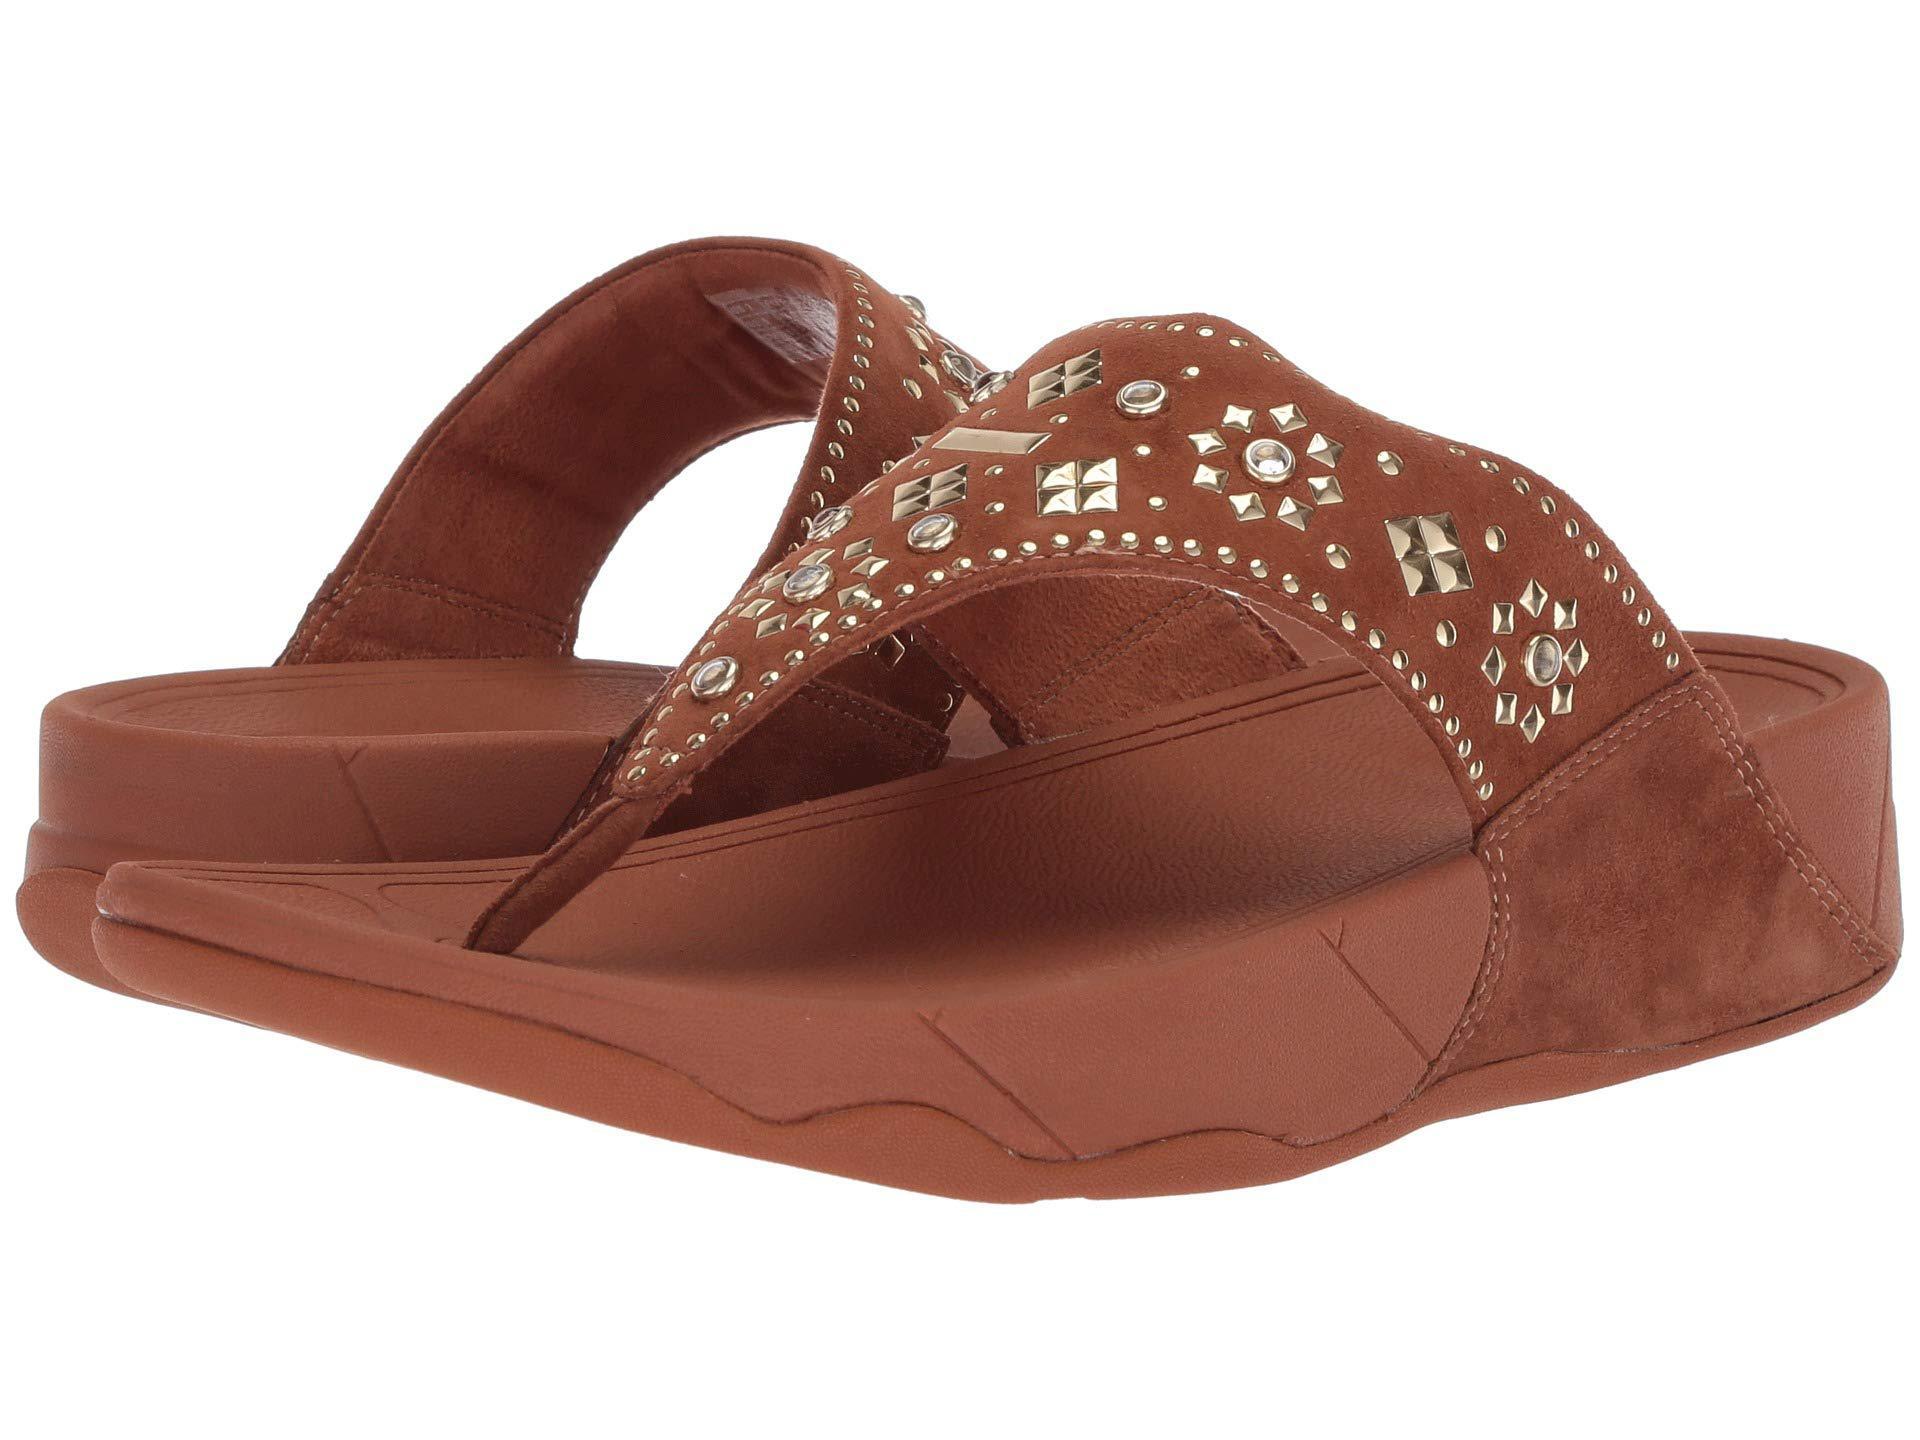 fc5abdb82edc3 Lyst - Fitflop Lulu Aztek Stud Toe-thong Sandals-suede in Brown ...